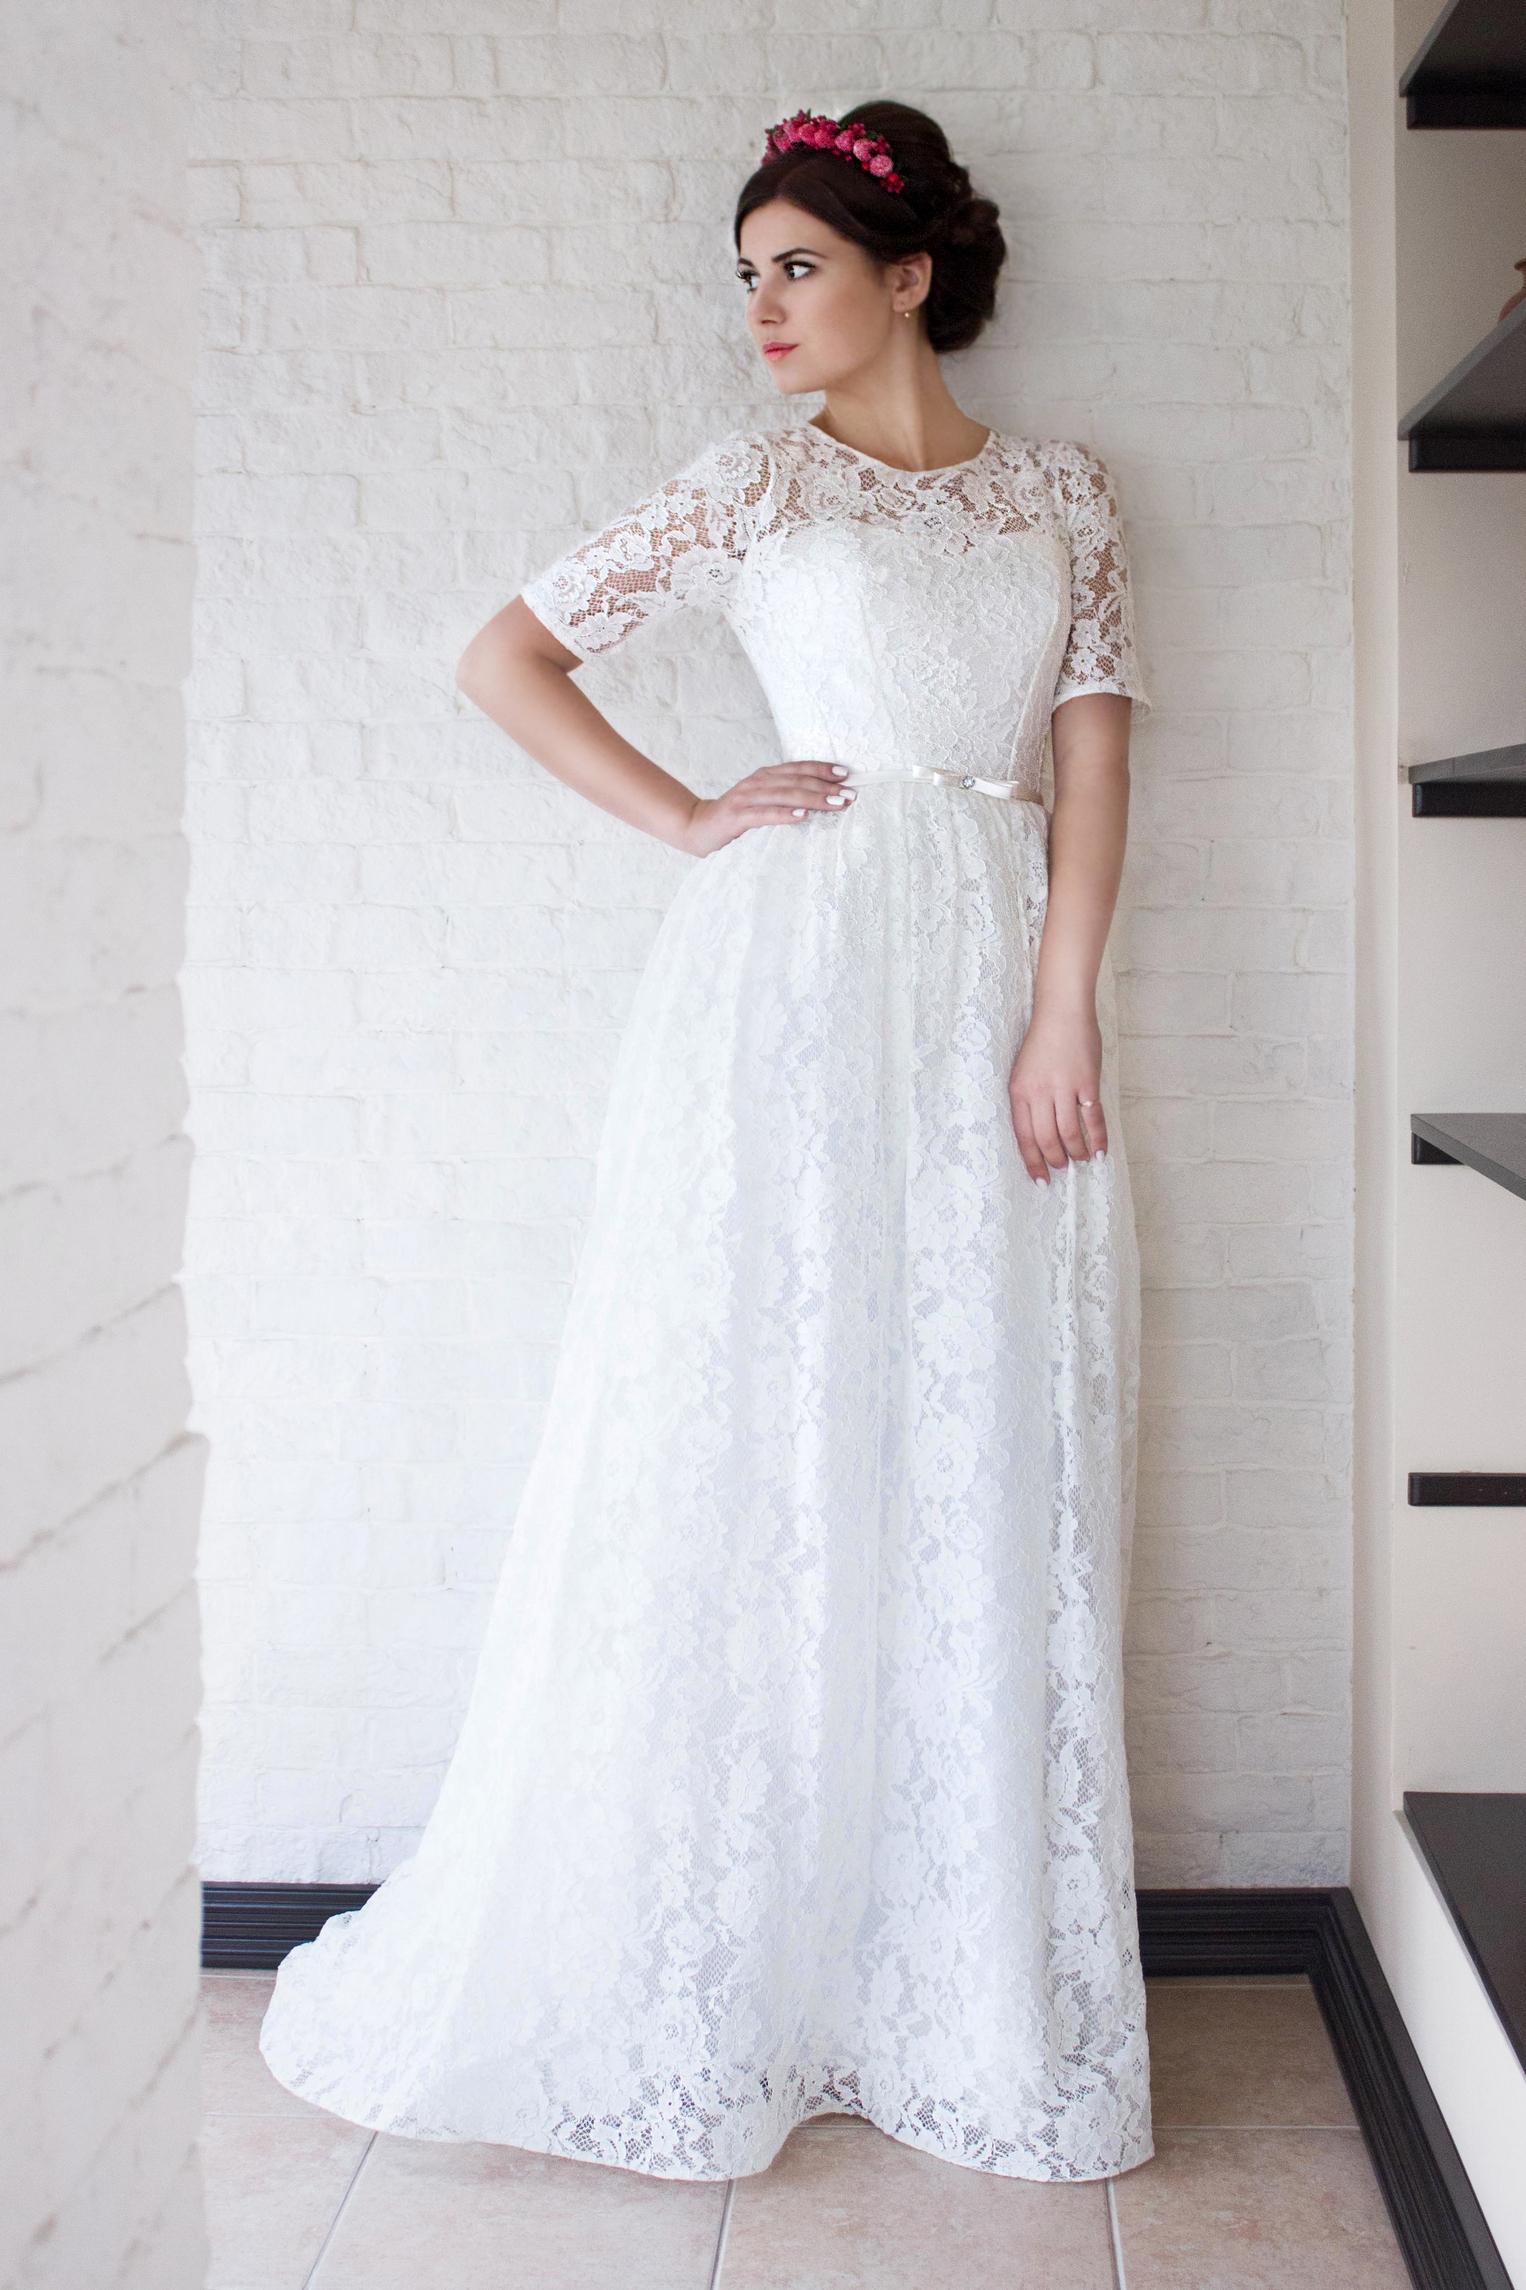 Вечерние свадебные платья в витебске